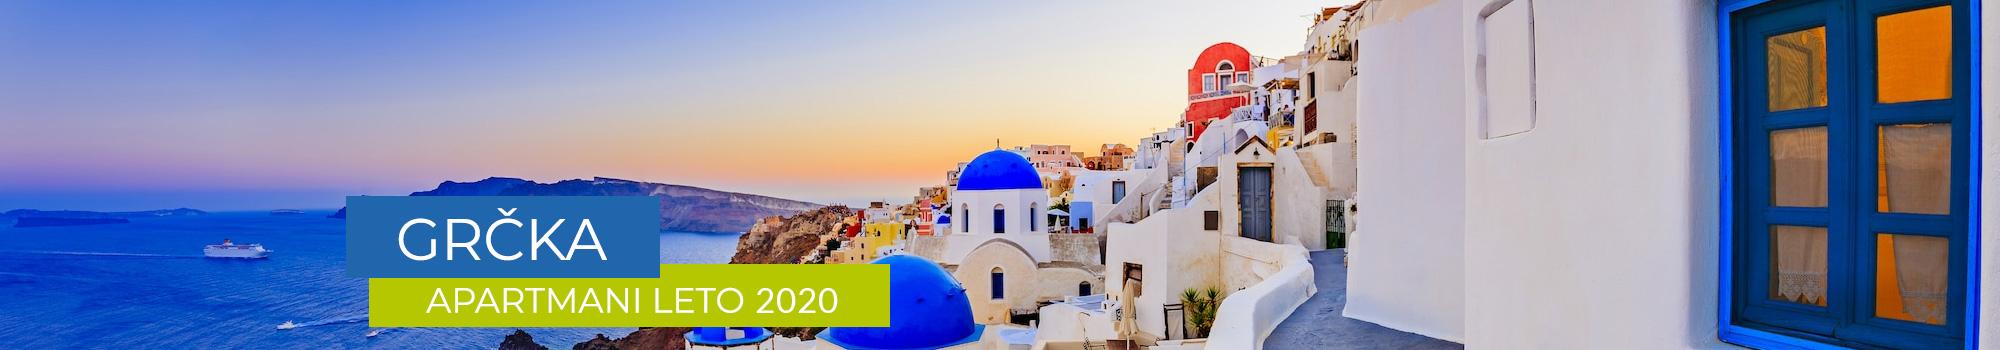 Grčka apartmani